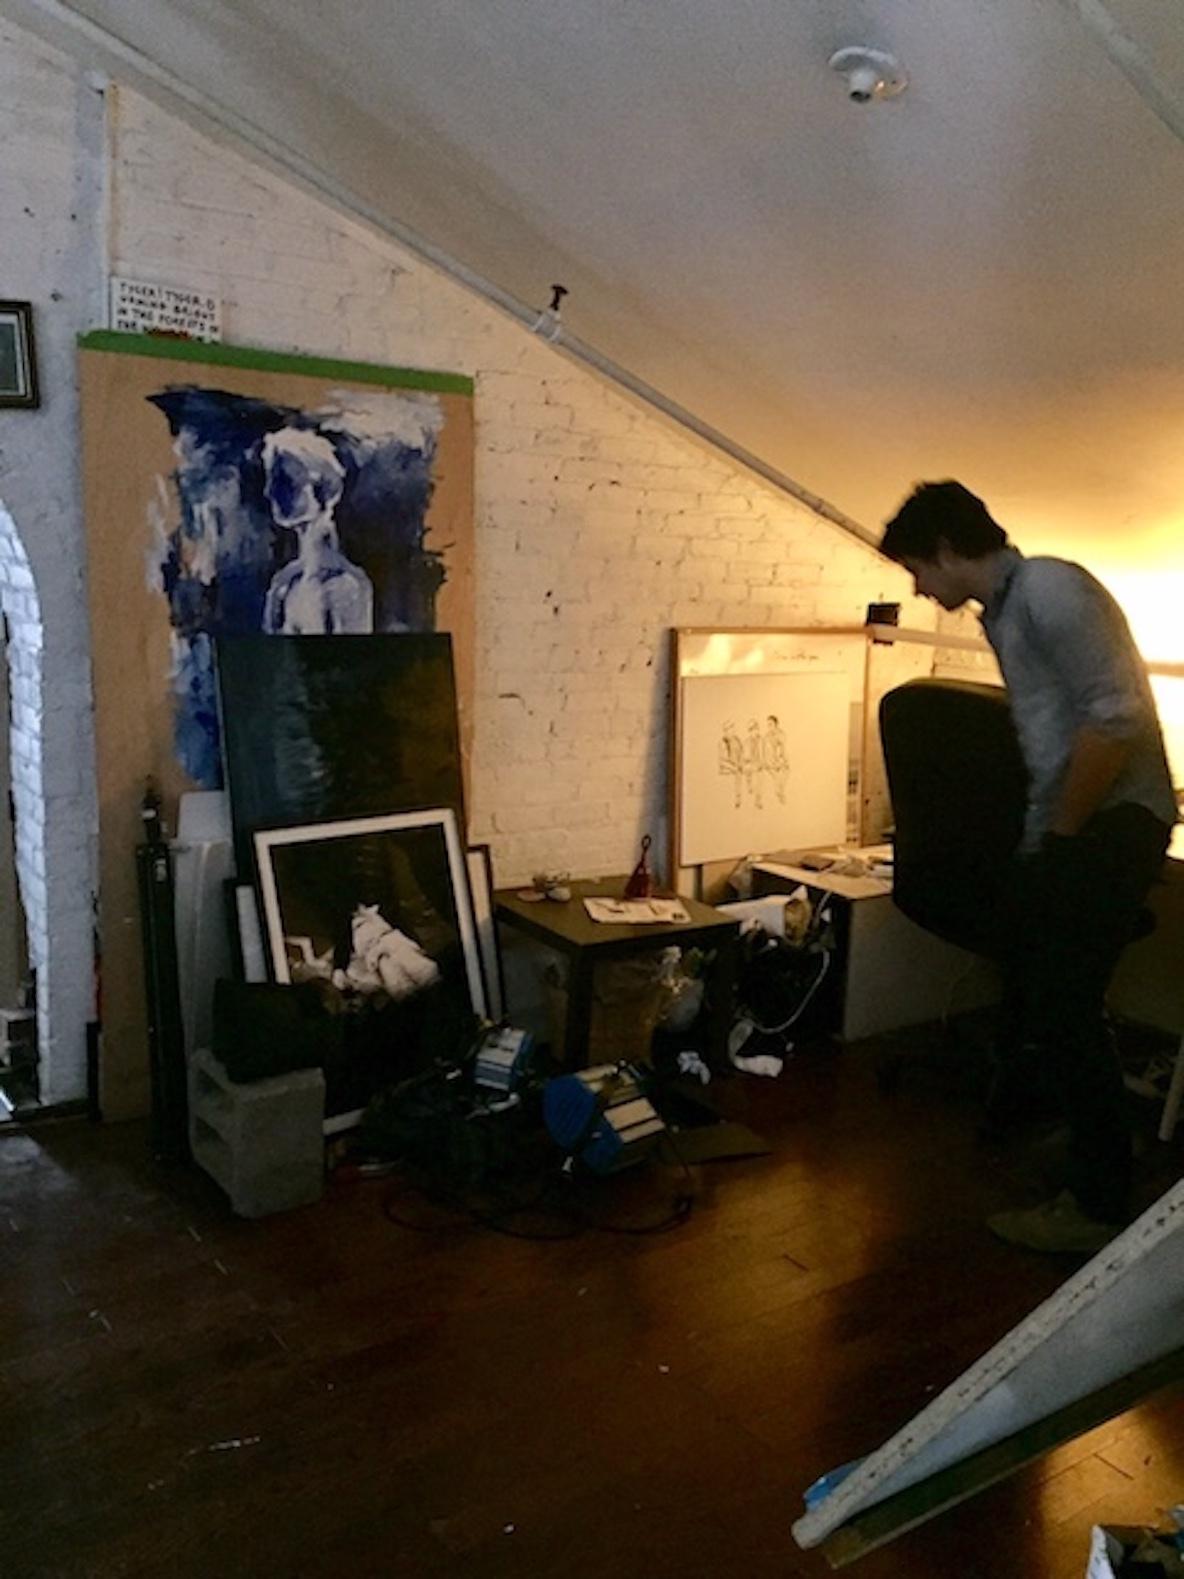 11人のアーティストが暮らす、ニューヨーク・ブルックリンのアトリエで暮らすイケメン